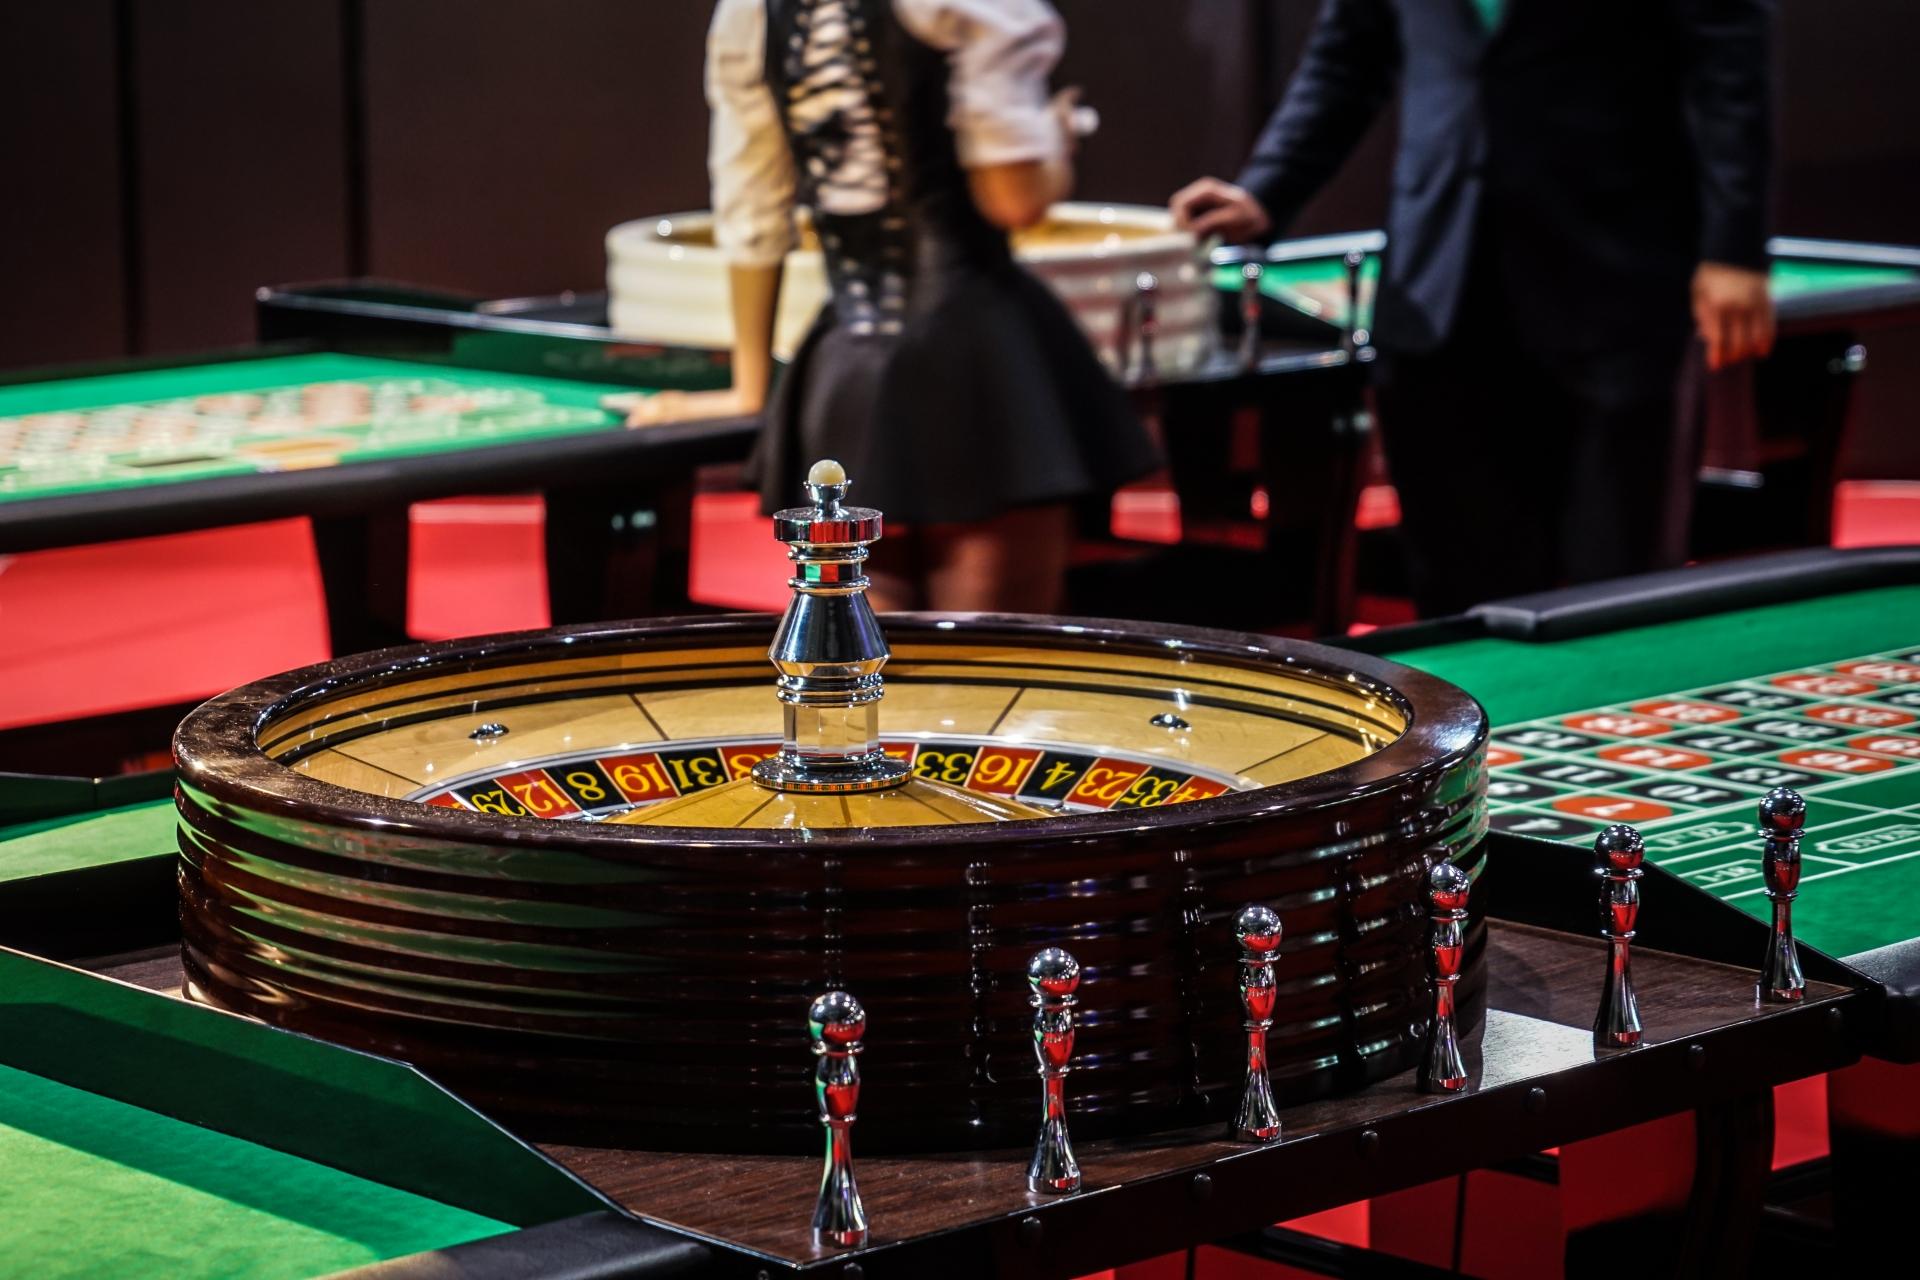 казино буи казино онлайн играть бесплатно